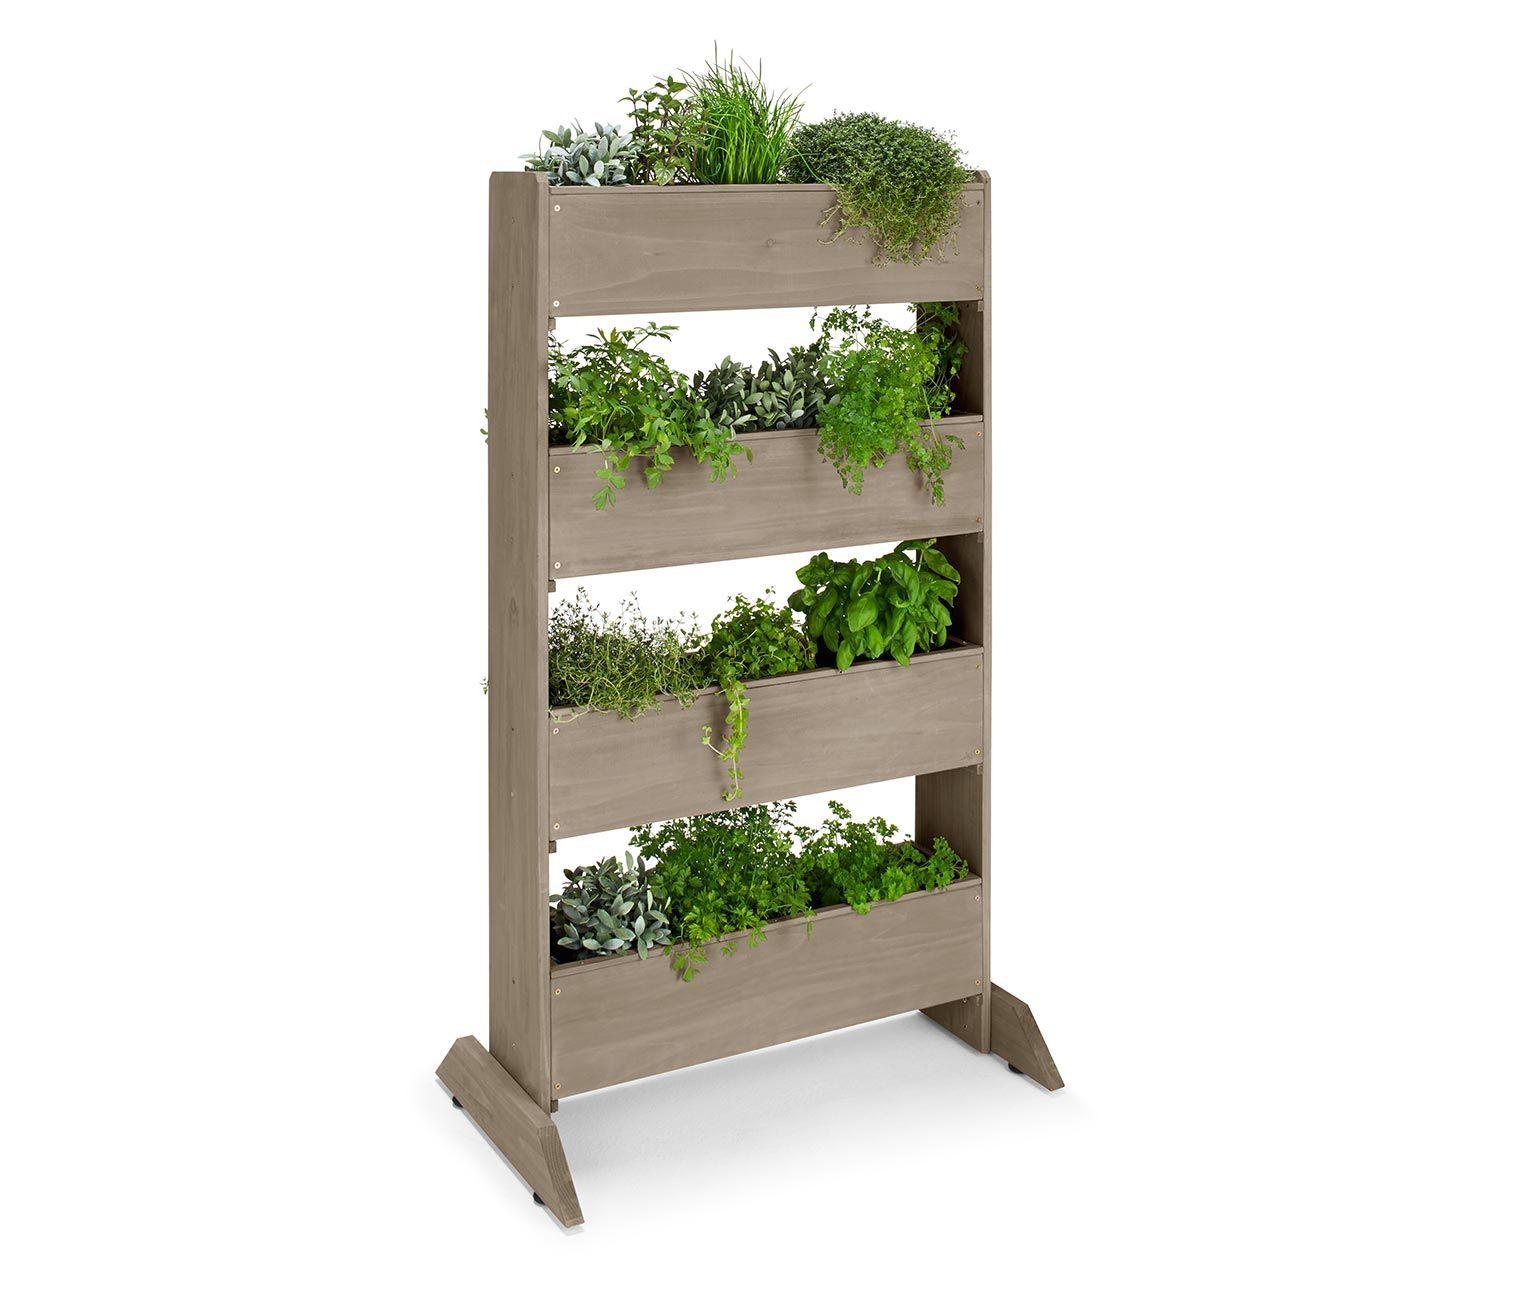 129 00 platzsparendes beet f r balkon terrasse und garten pflanzenvielfalt auf kleinstem raum. Black Bedroom Furniture Sets. Home Design Ideas